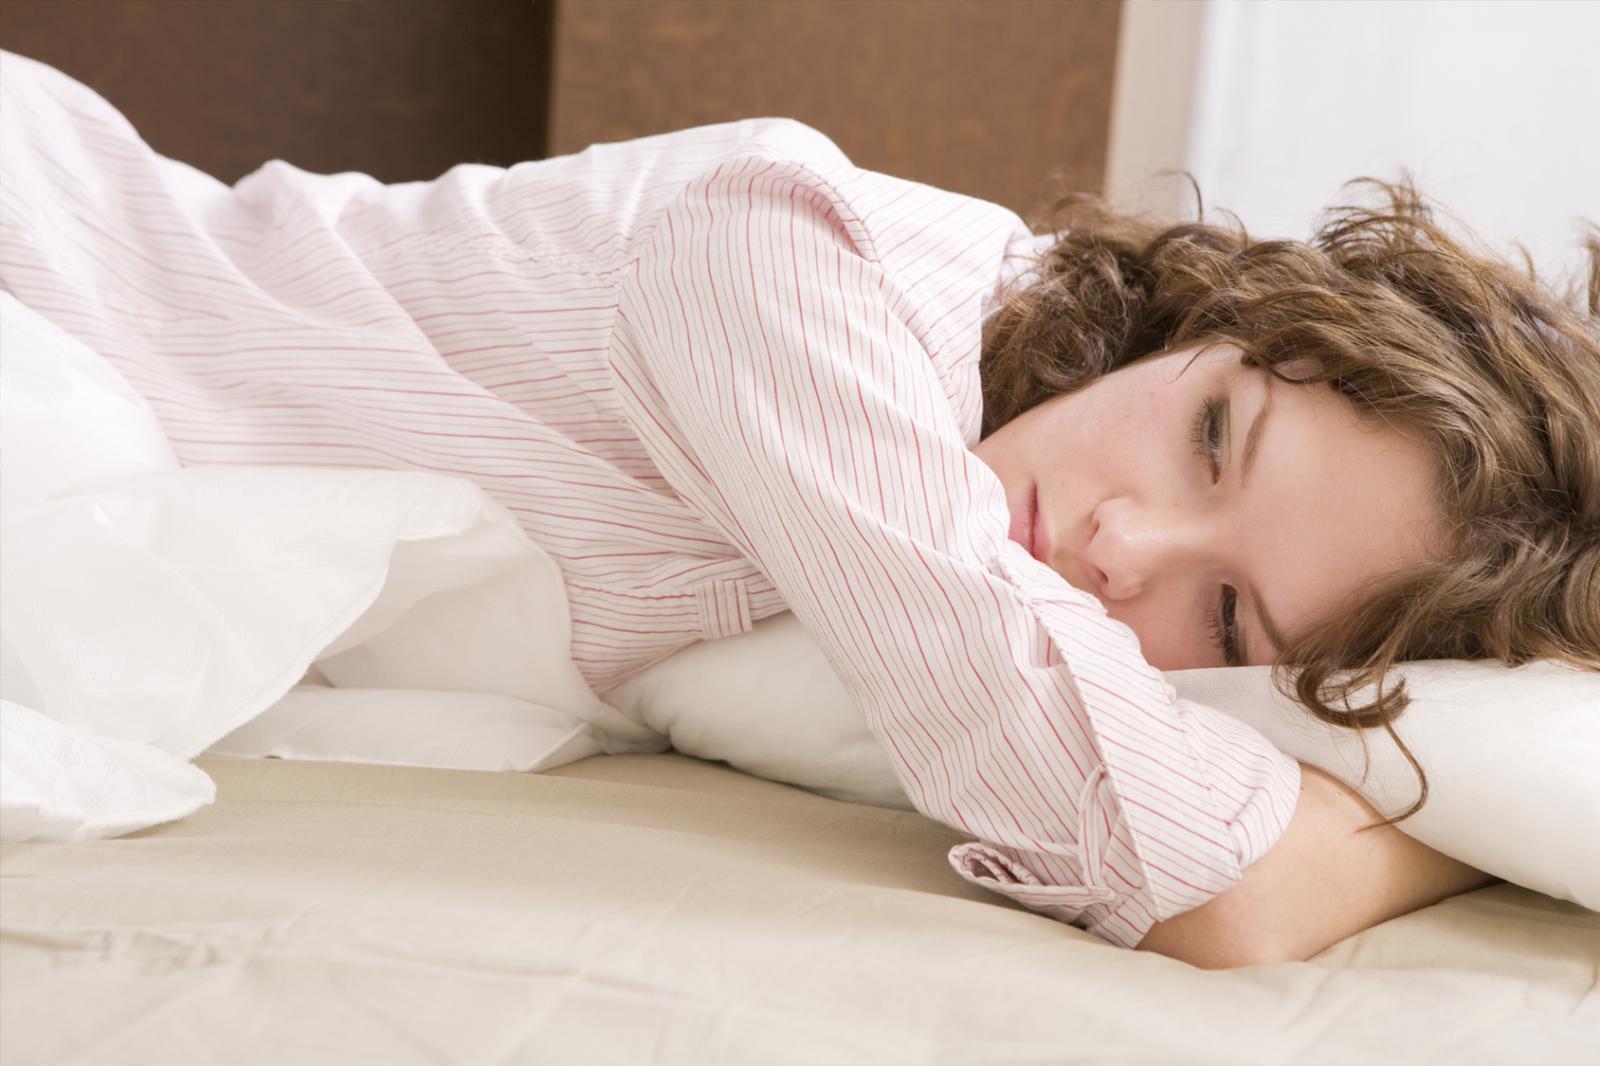 Tâm sự của người đàn bà kiệt sức trong hôn nhân: Tôi như người dưng khi sống bên chồng Ảnh 1